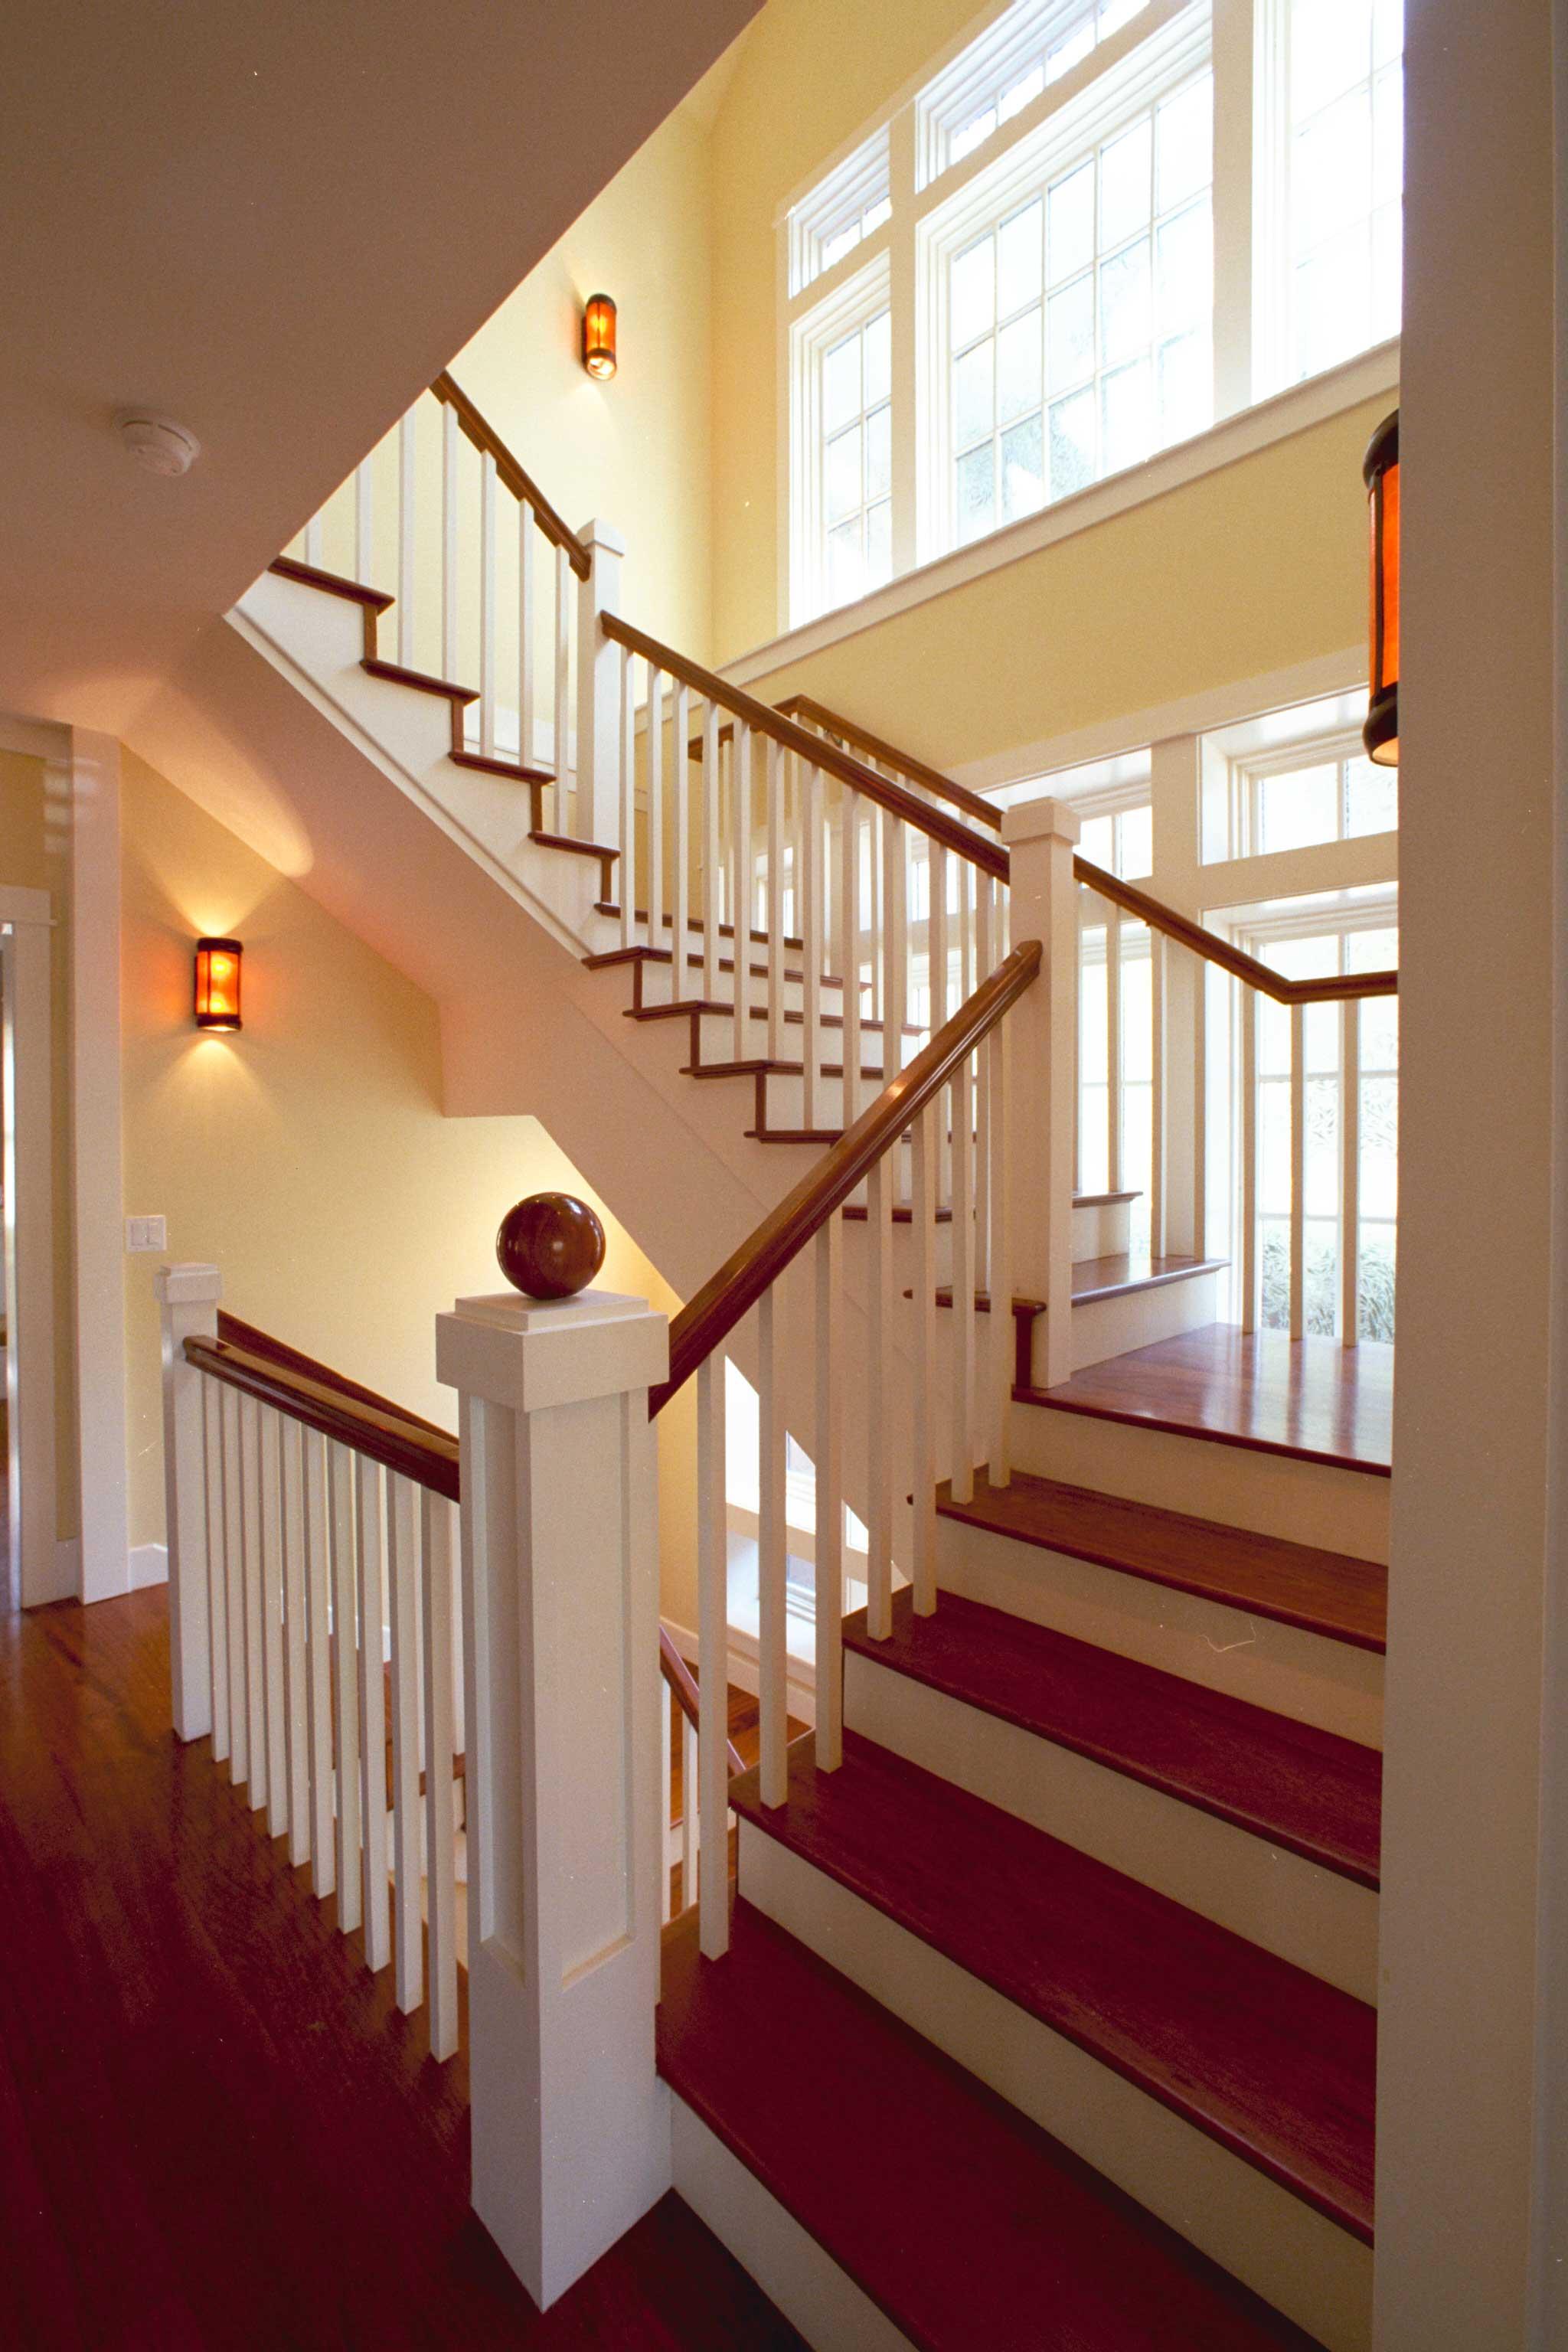 Palo-Alto-Stair-3-MS.jpg